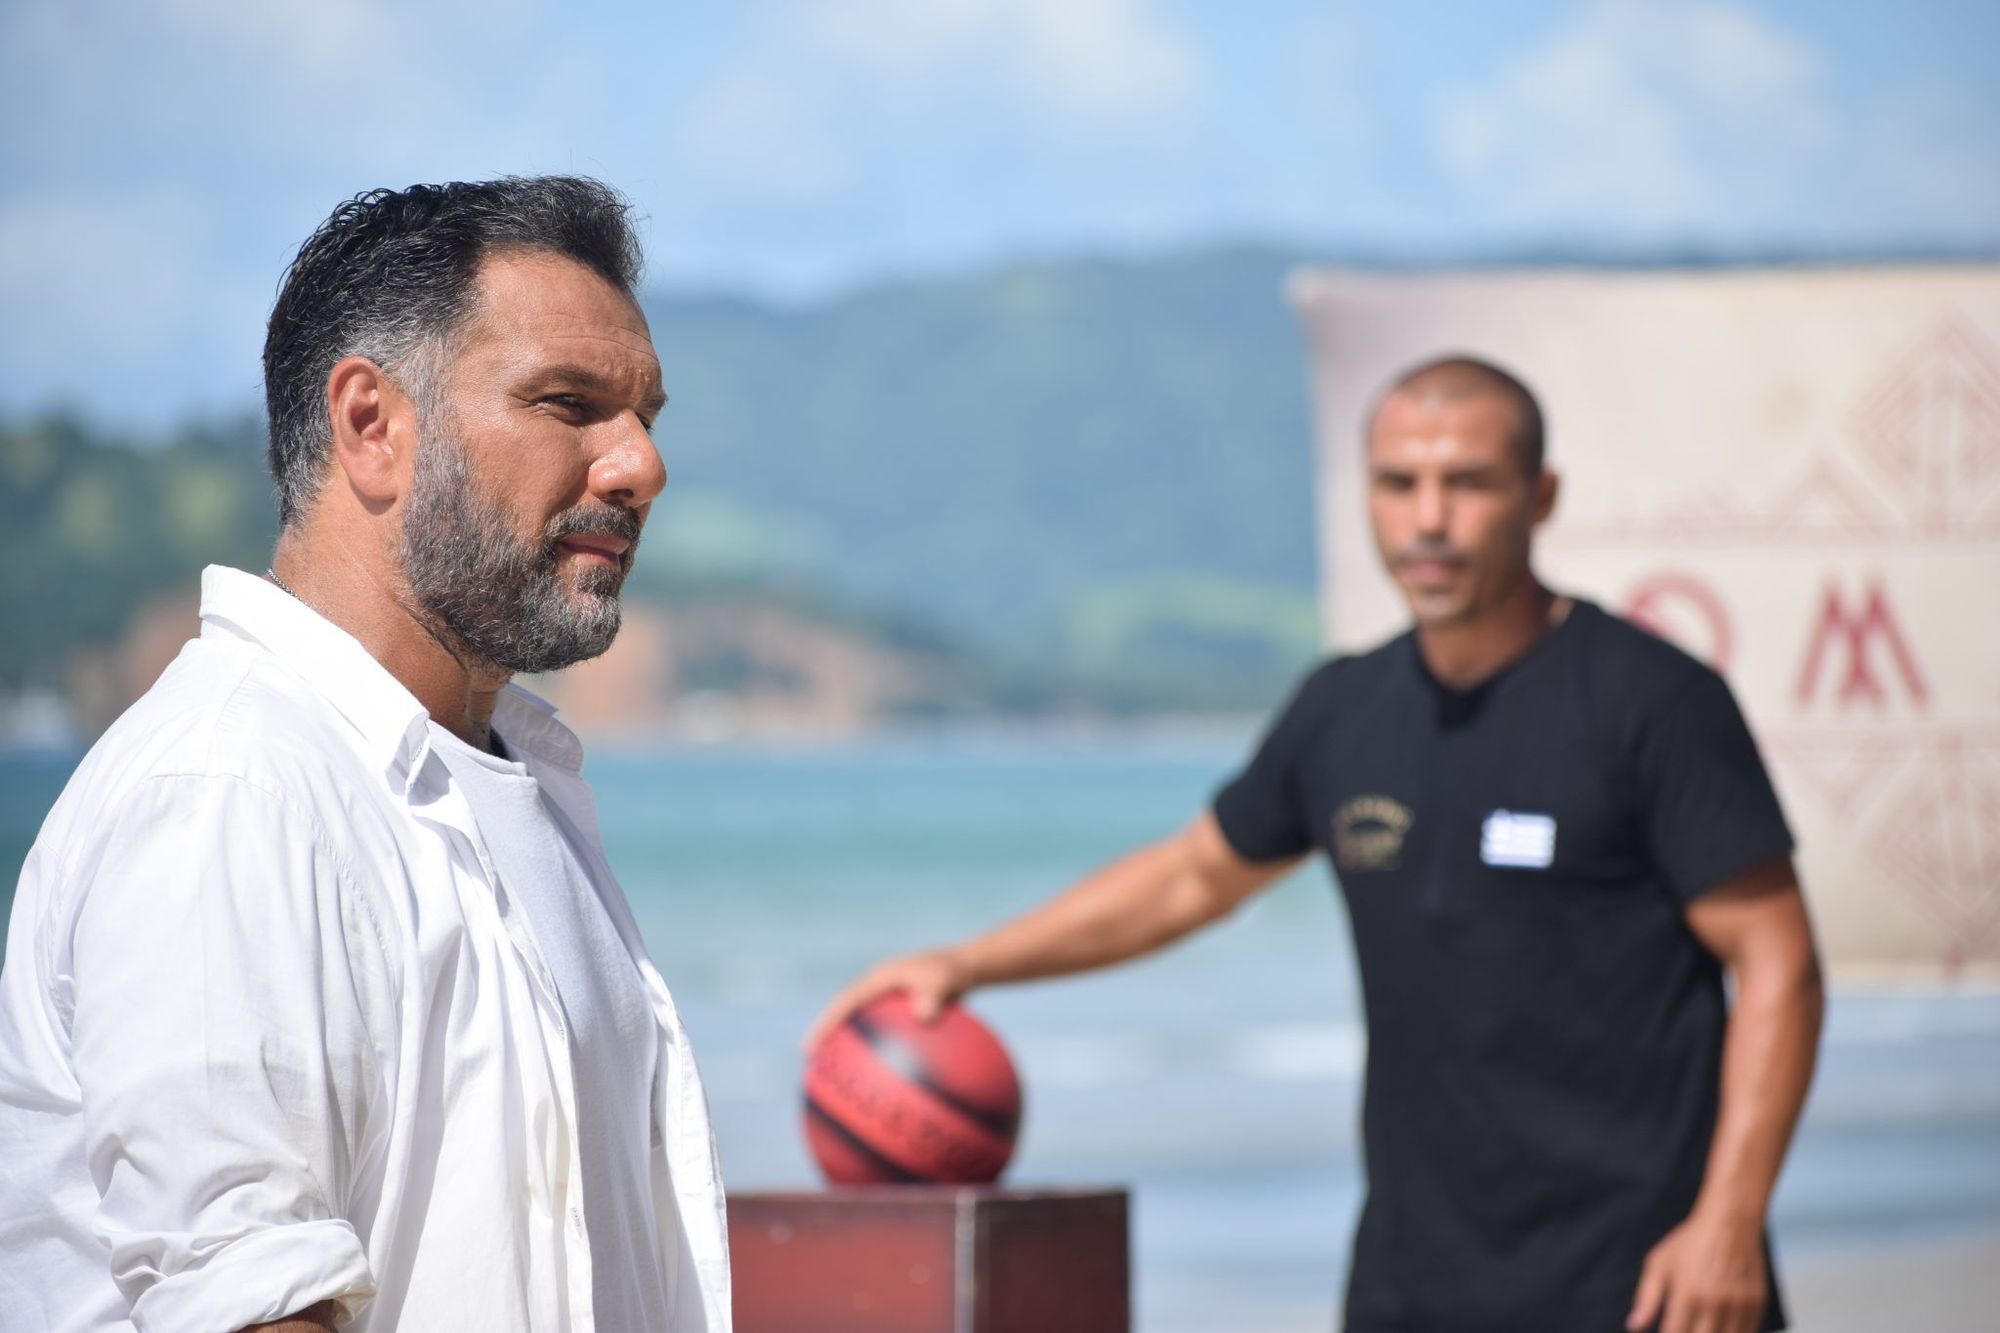 Νέα οικειοθελής αποχώρηση στο NOMADS - Επιστρέφει ο Μιχάλης Ζαμπίδης; (VIDEO)